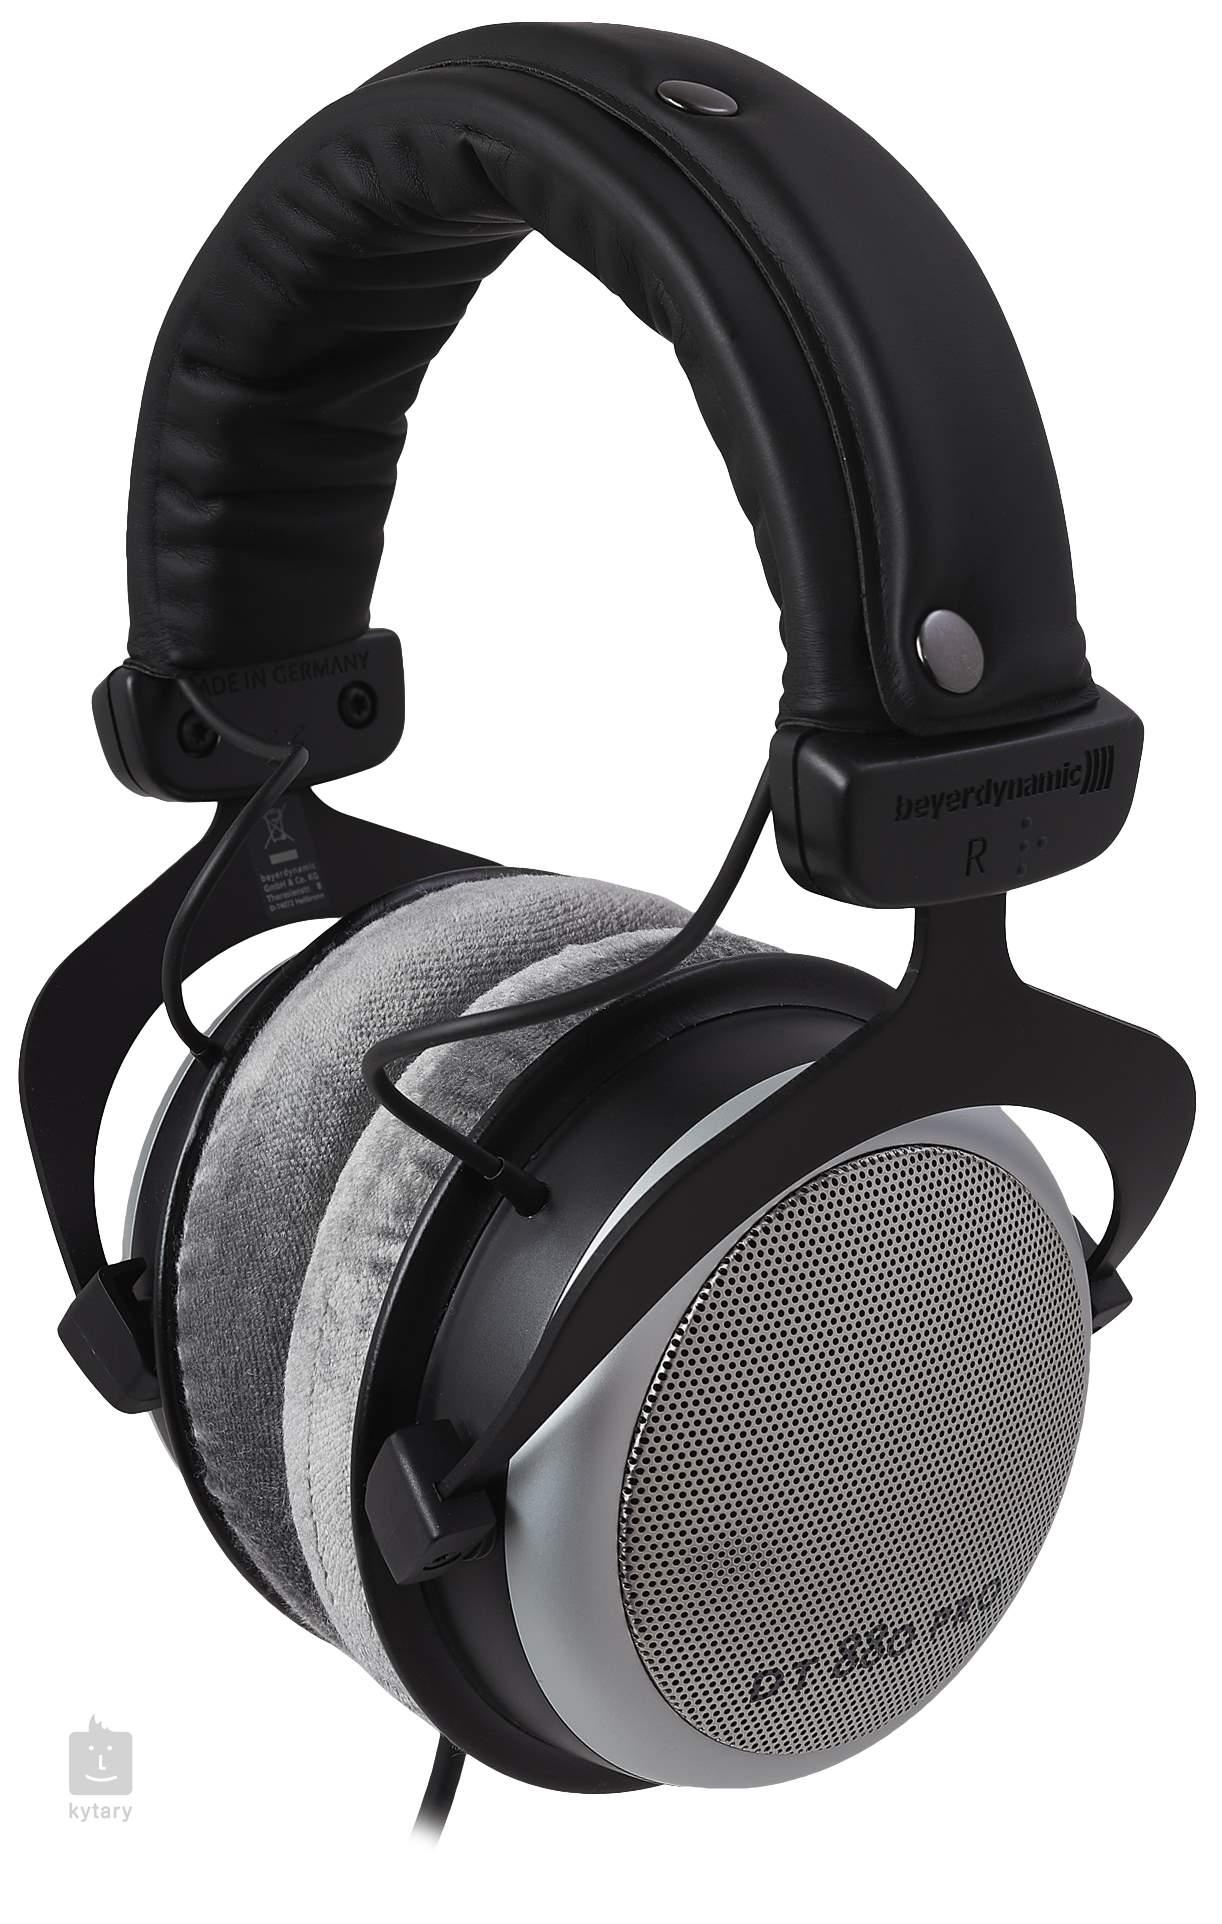 beyerdynamic beyerdynamic dt 990 pro studio headphones. Black Bedroom Furniture Sets. Home Design Ideas